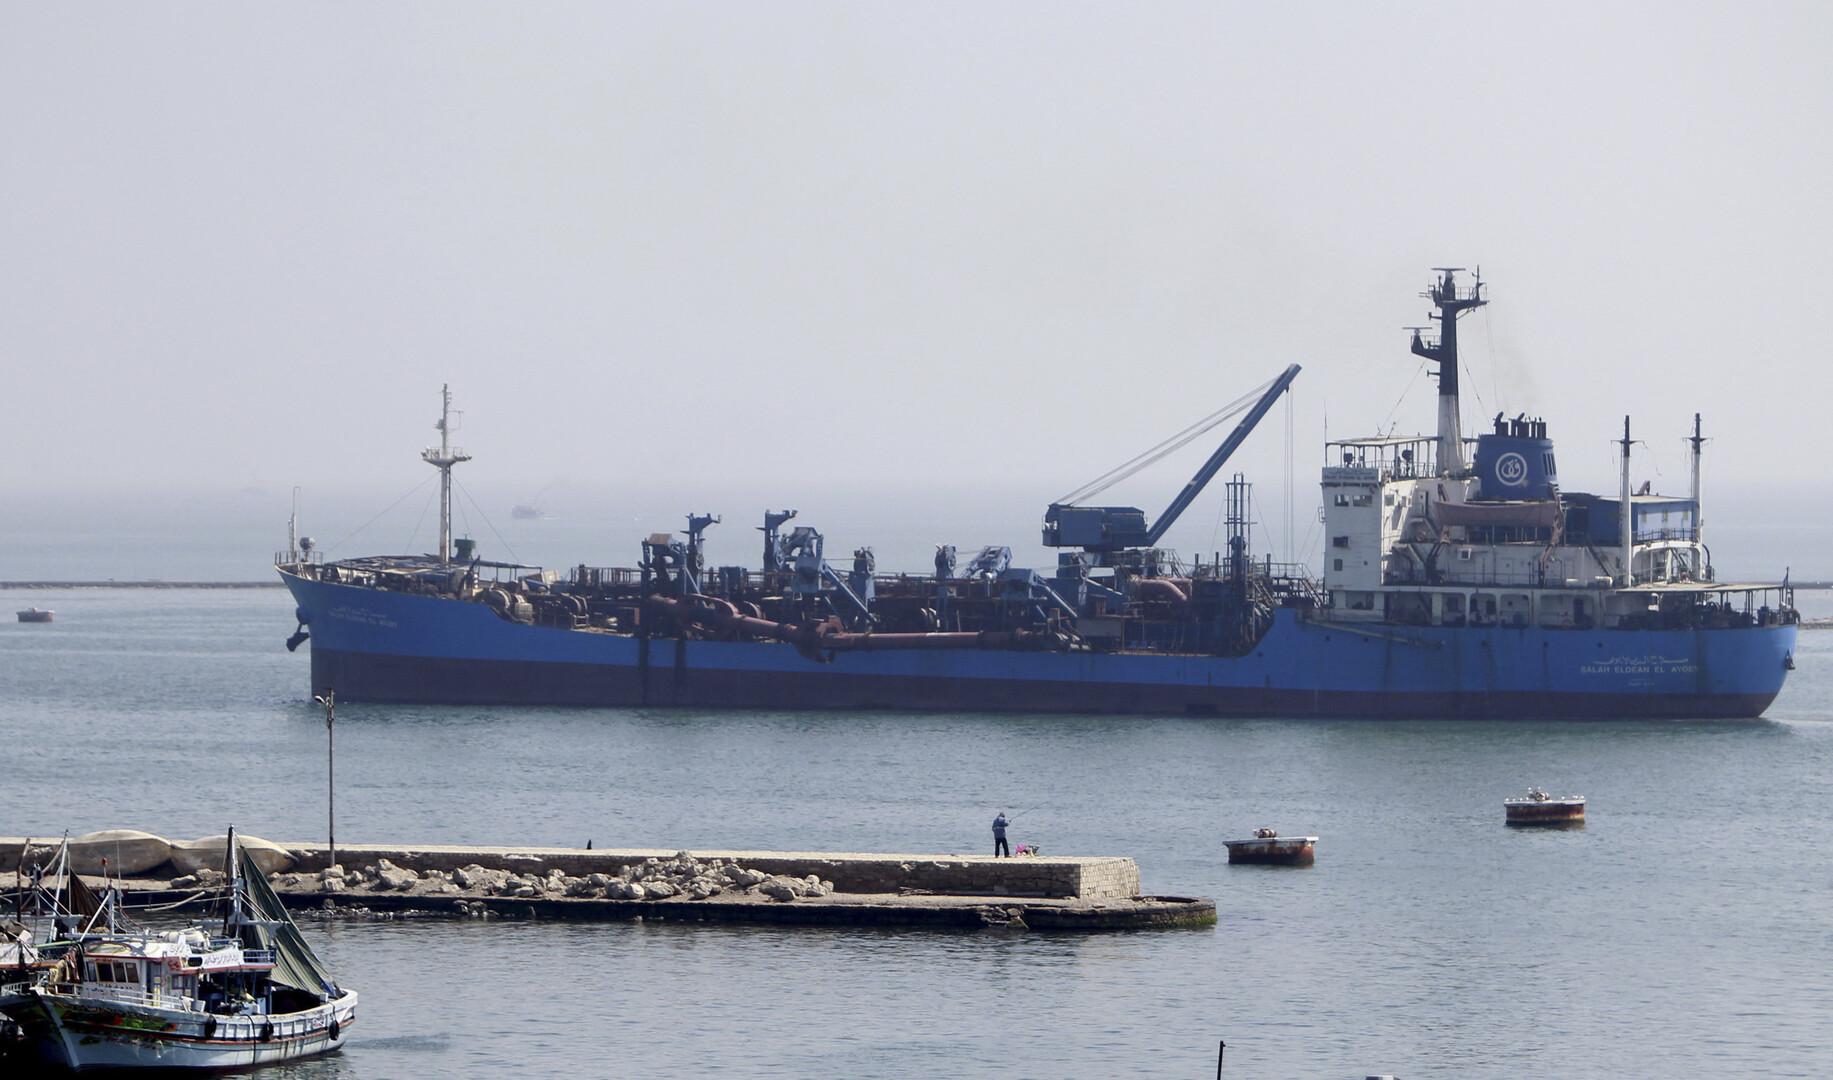 مصر تكشف عن قيمة صادراتها غير البترولية لشهر يوليو الماضي